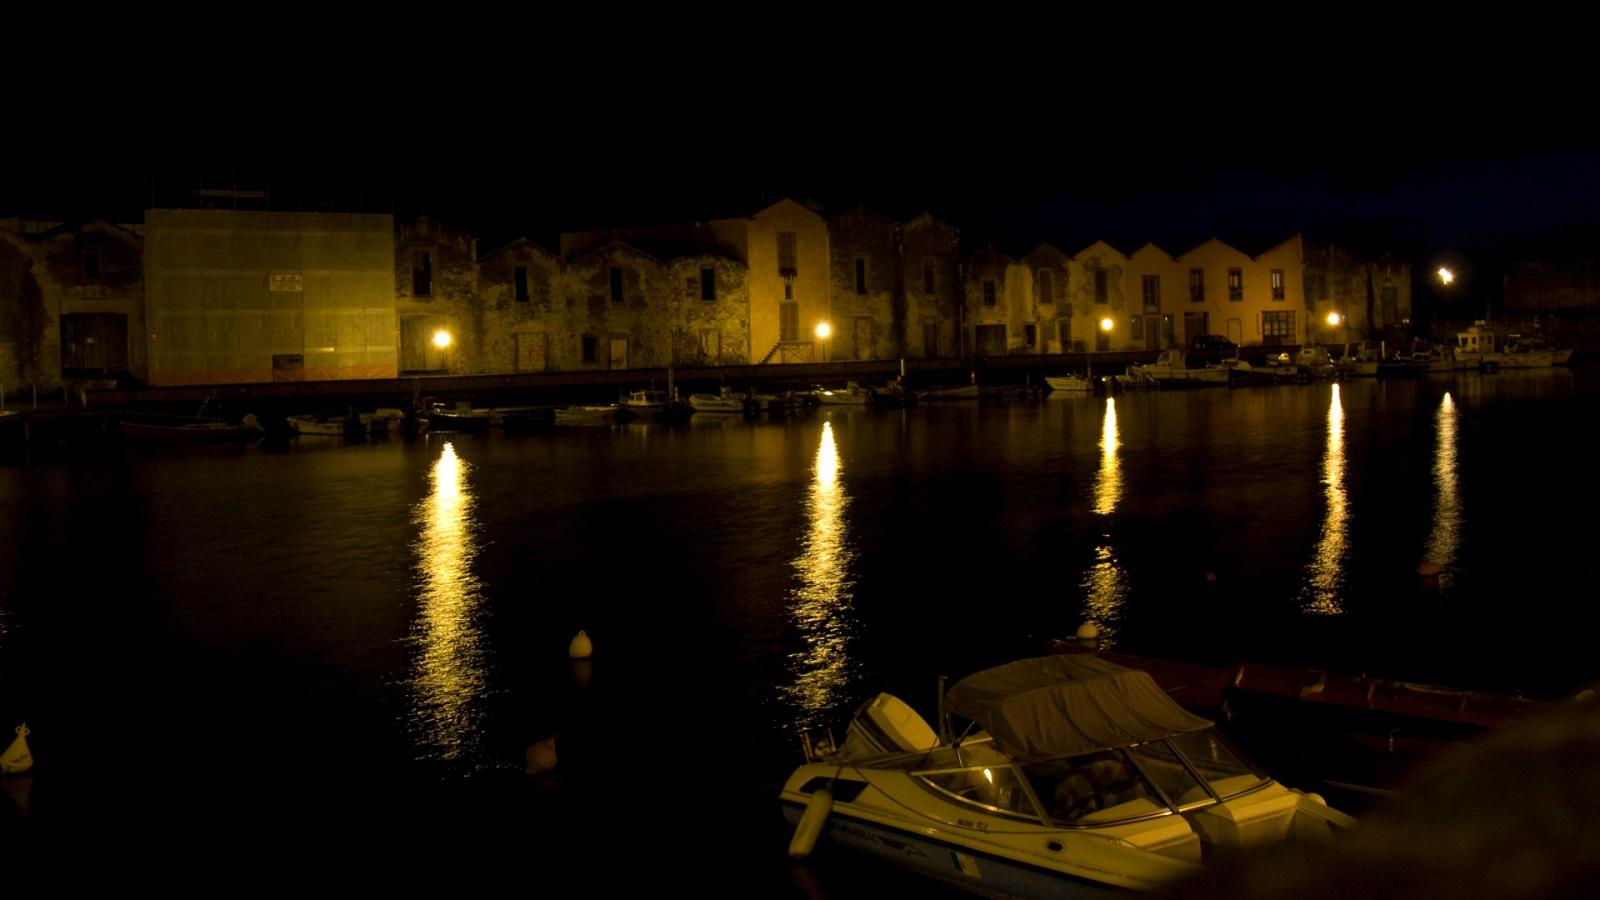 Bosa by night